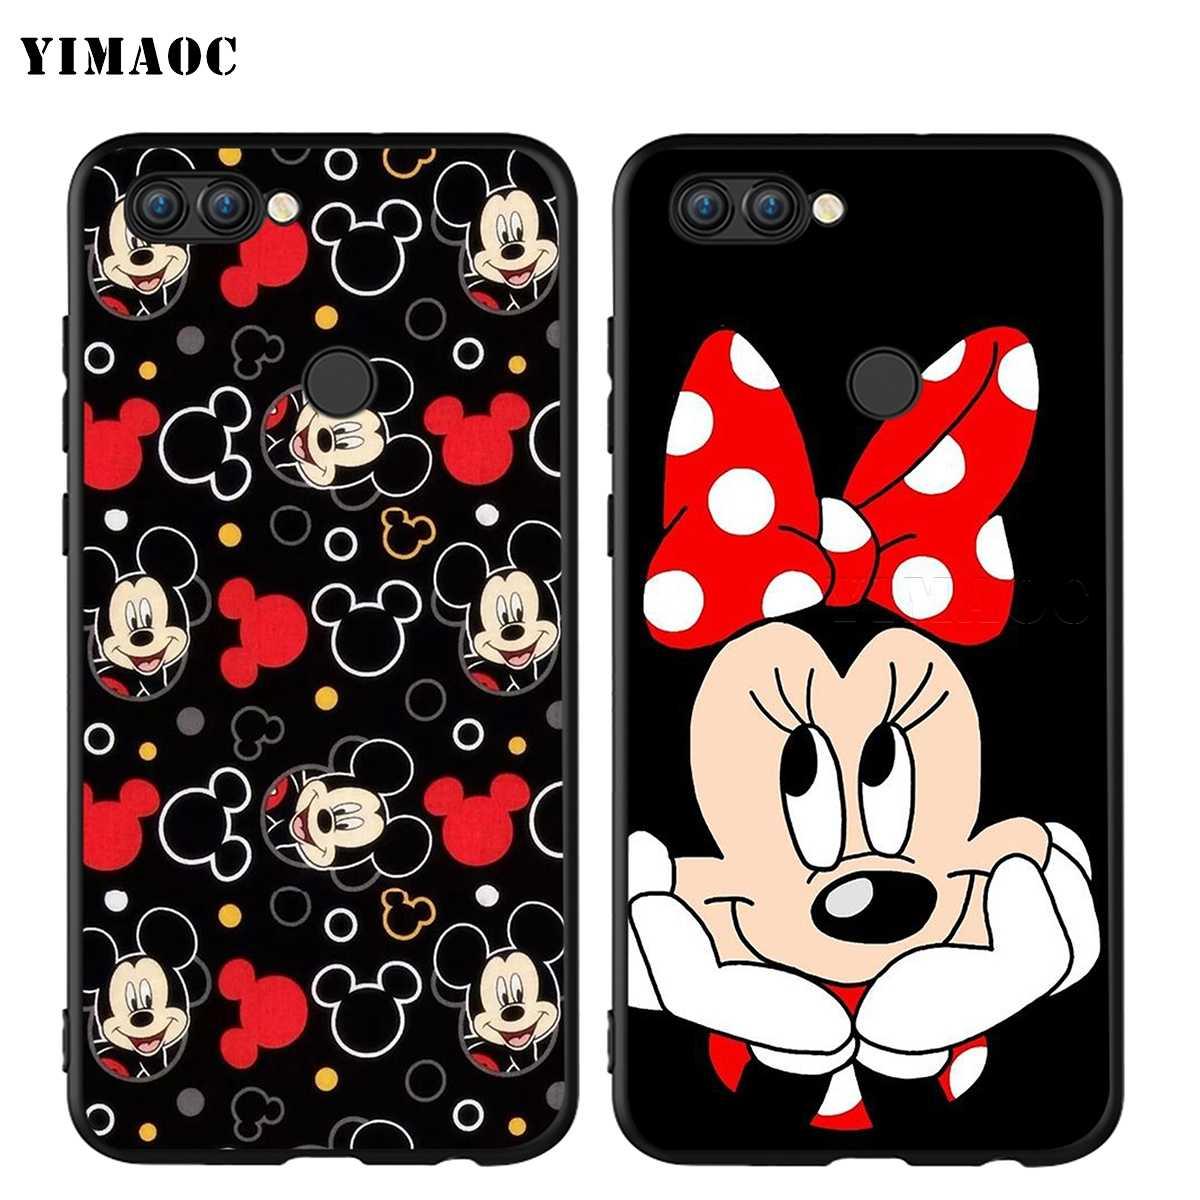 YIMAOC Minnie Mouse filles mignon étui pour Huawei Honor Mate P smart Y7 Y9 8C 30 20 10 8x Nova 3i 3 Lite Pro Prime 2018 2019